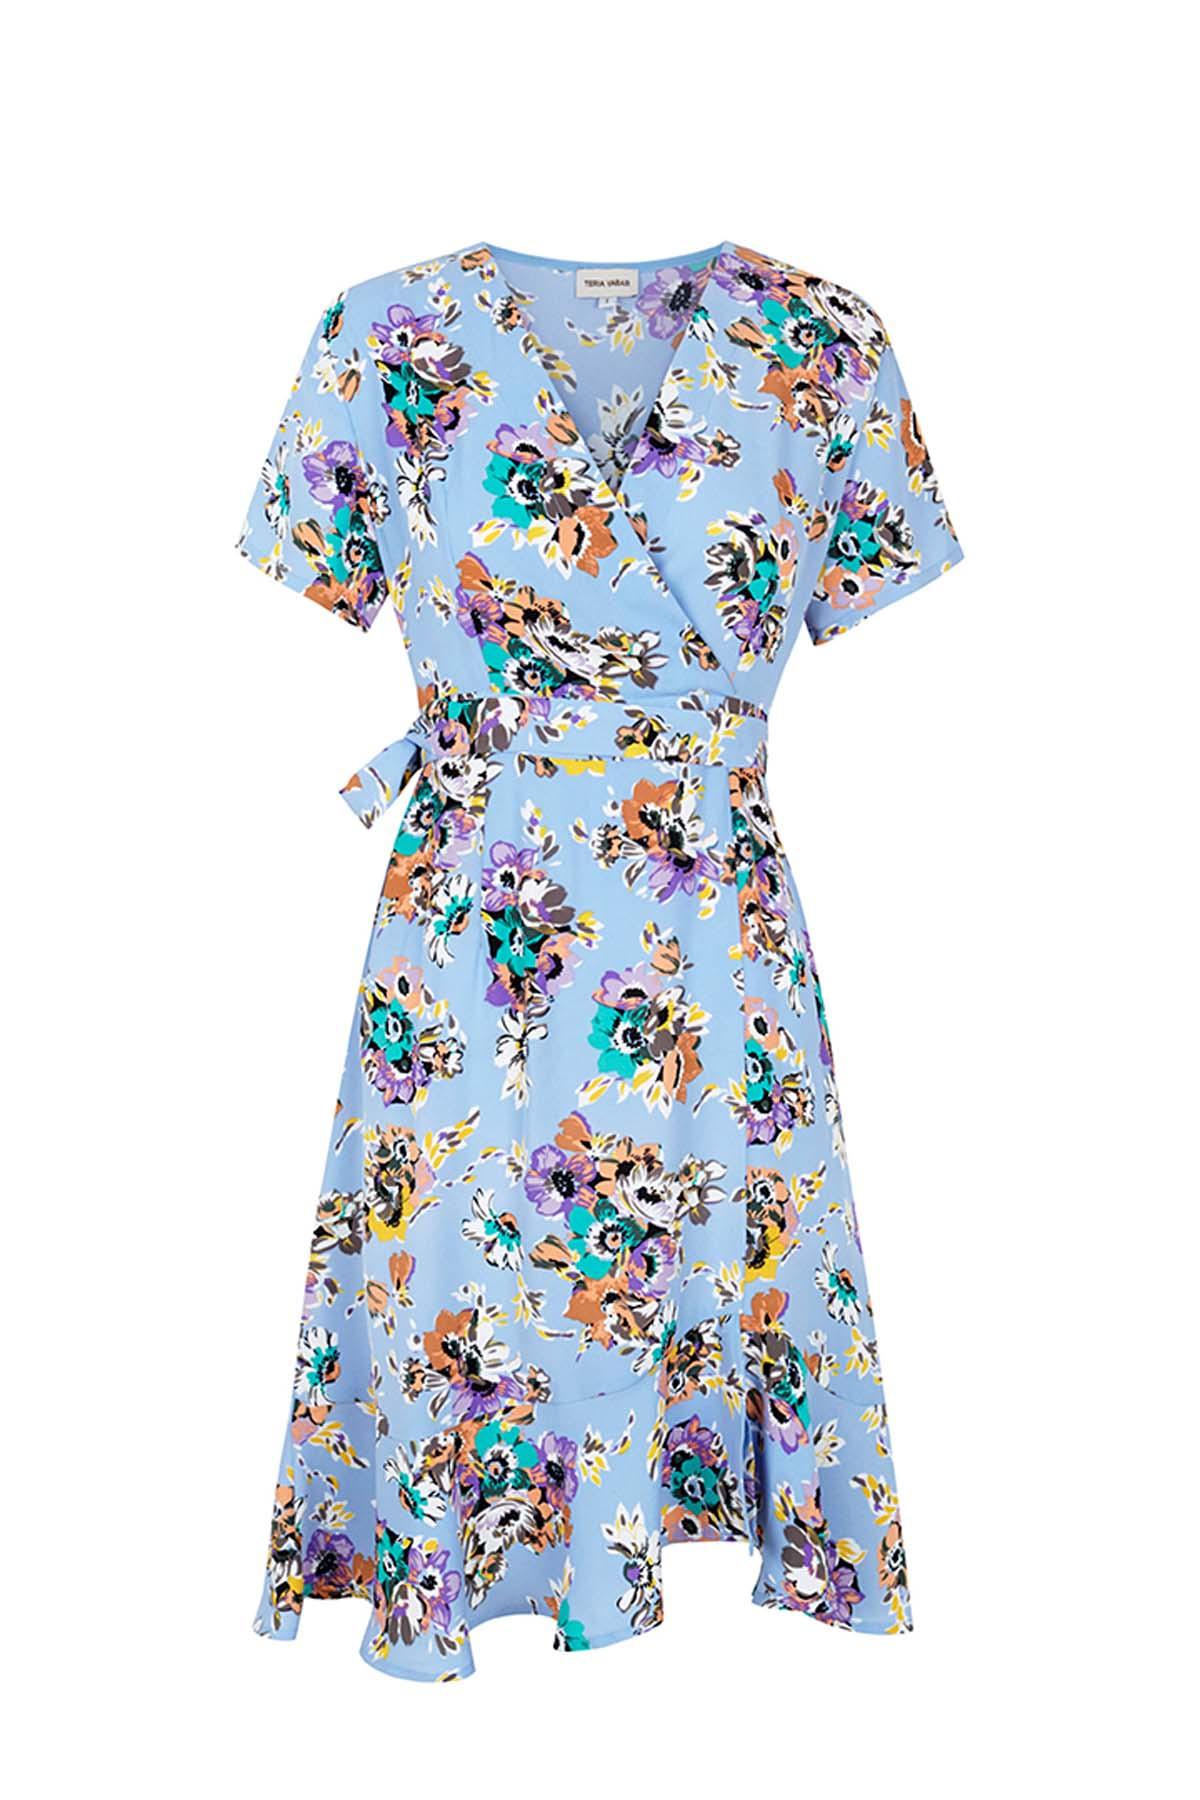 Teria Yabar - Vestido corto de flores